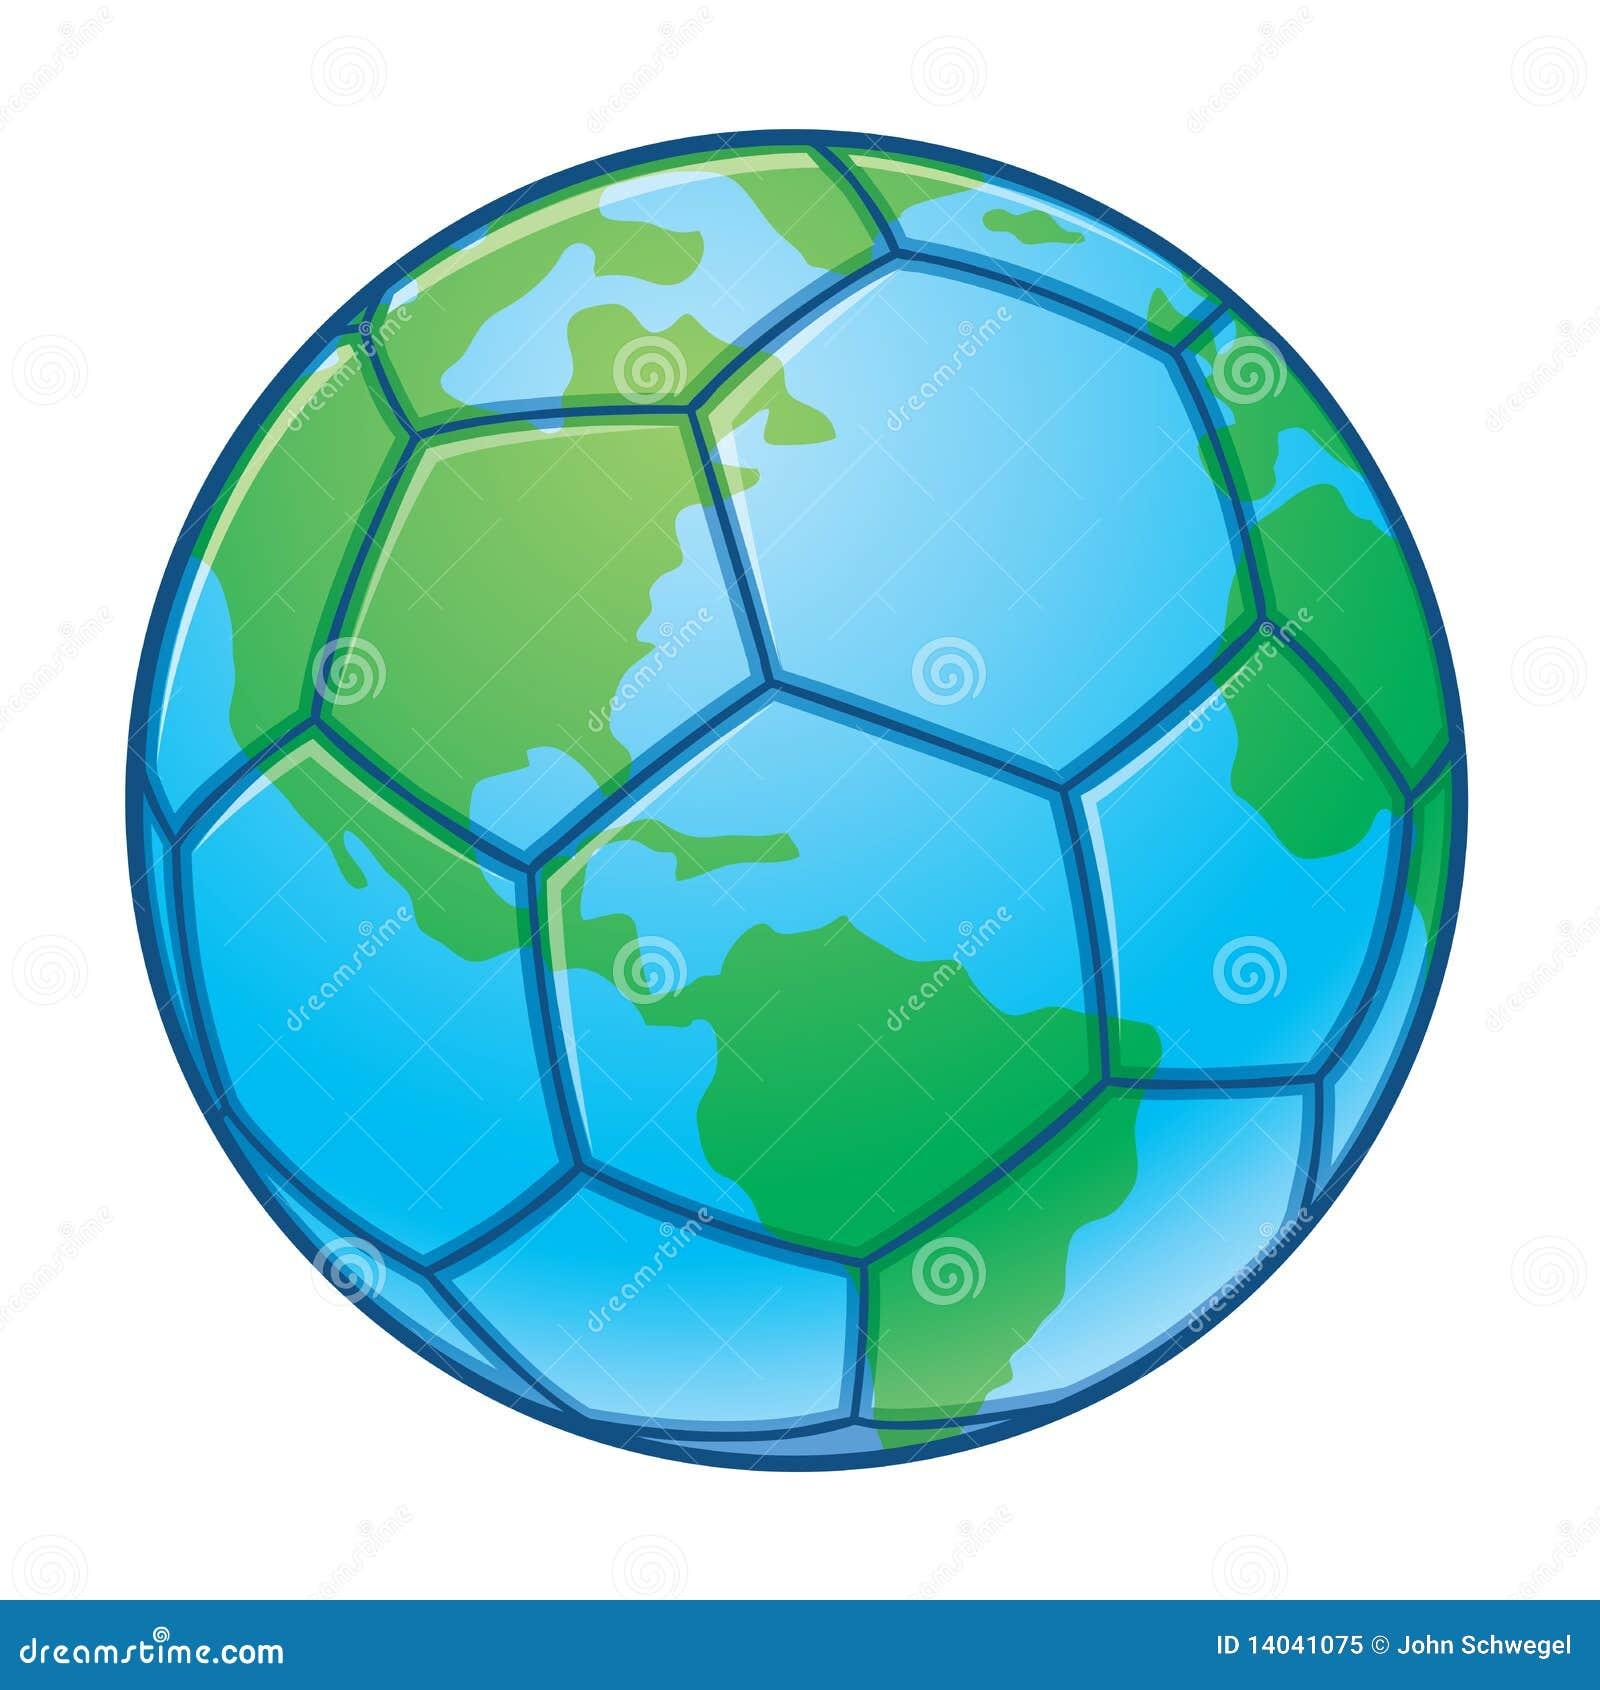 De bal van het voetbal van de kop van de wereld van de aarde royalty vrije stock foto - Basket thuis van de wereld ...